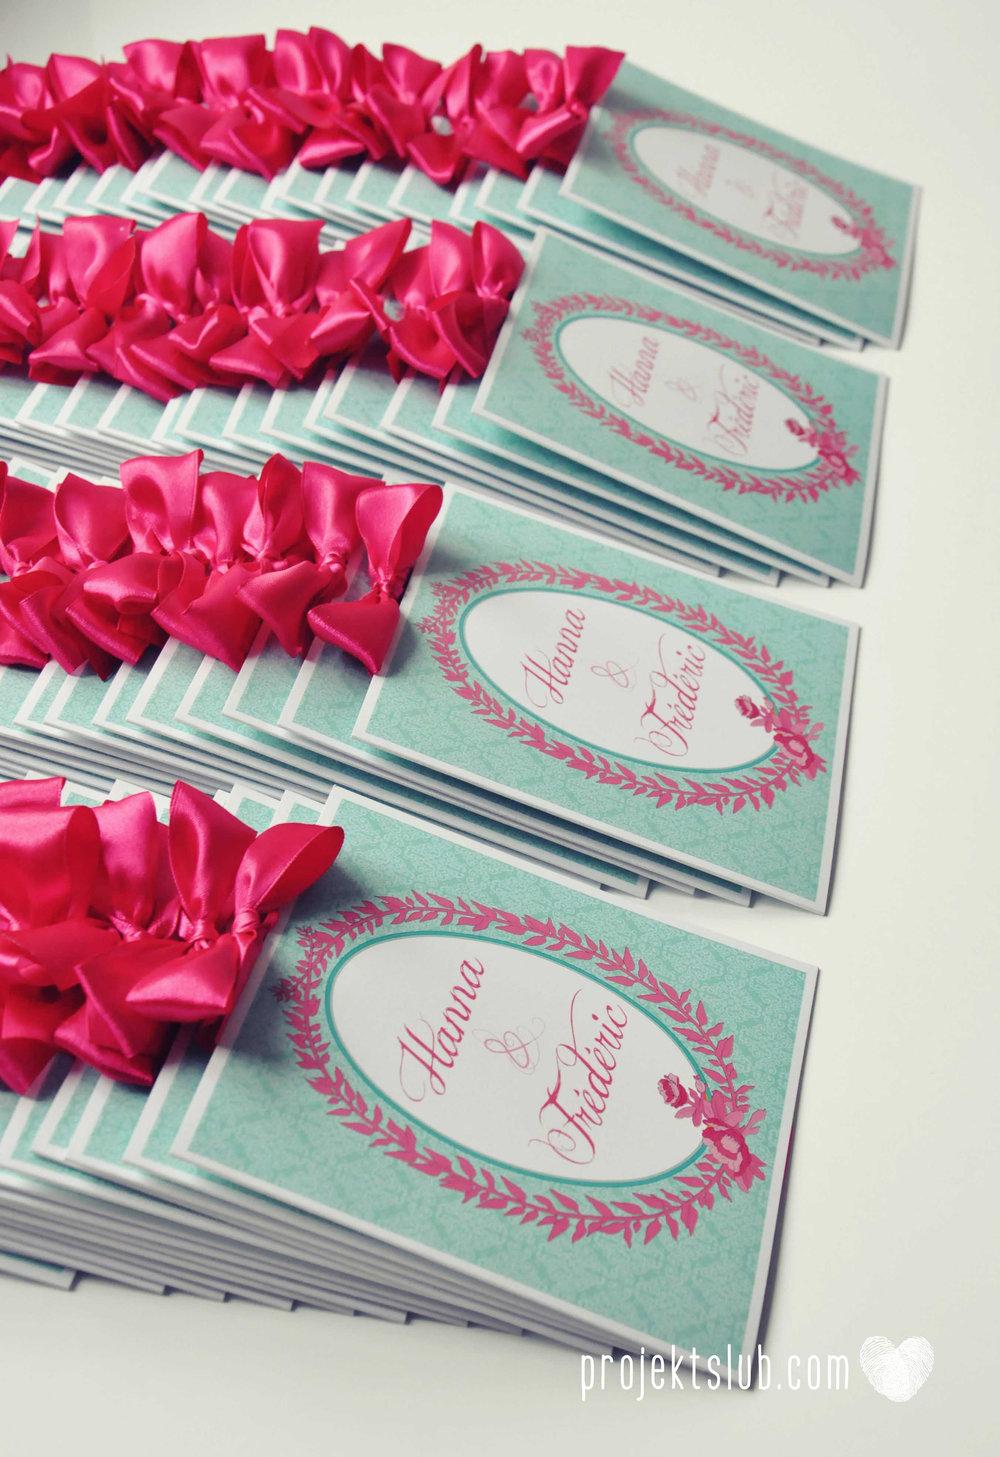 oryginalne zaproszenia ślubne najpiękniejsza papeteria miętowe love mięta malinowa wstążka elegancki projekt ślub (11).jpg